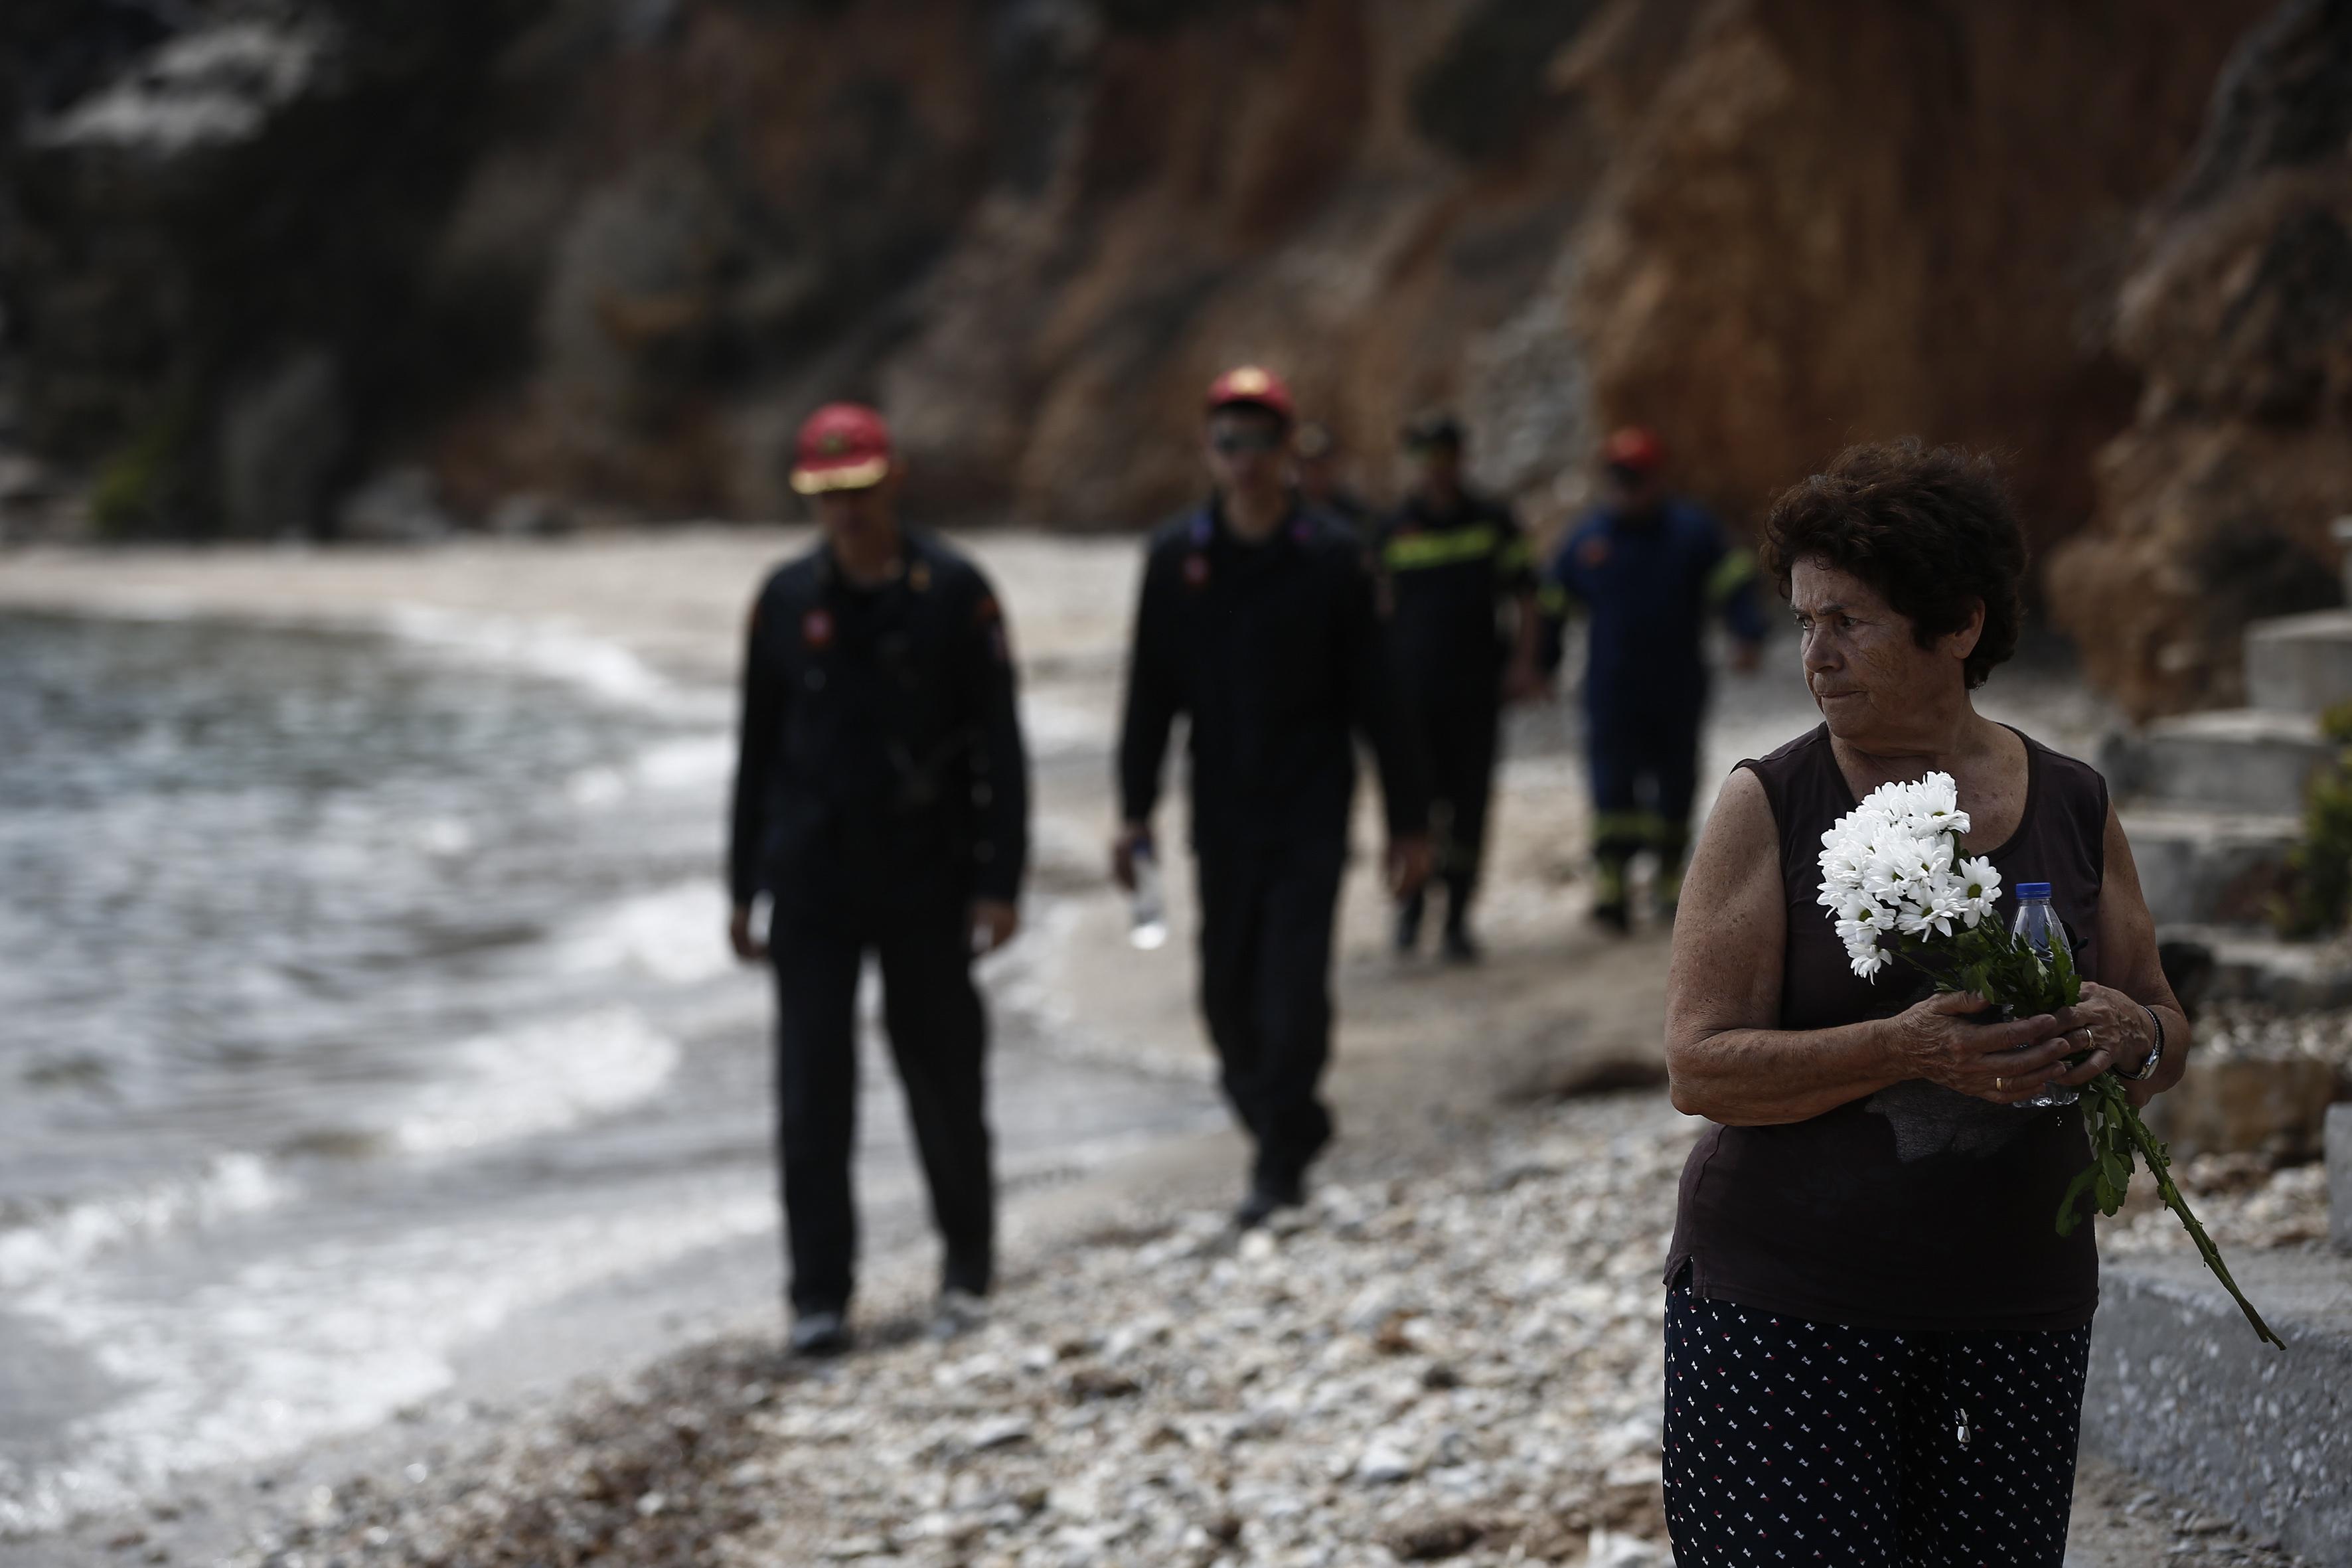 GRČKA Mati oplakuje žrtve katastrofalnog požara